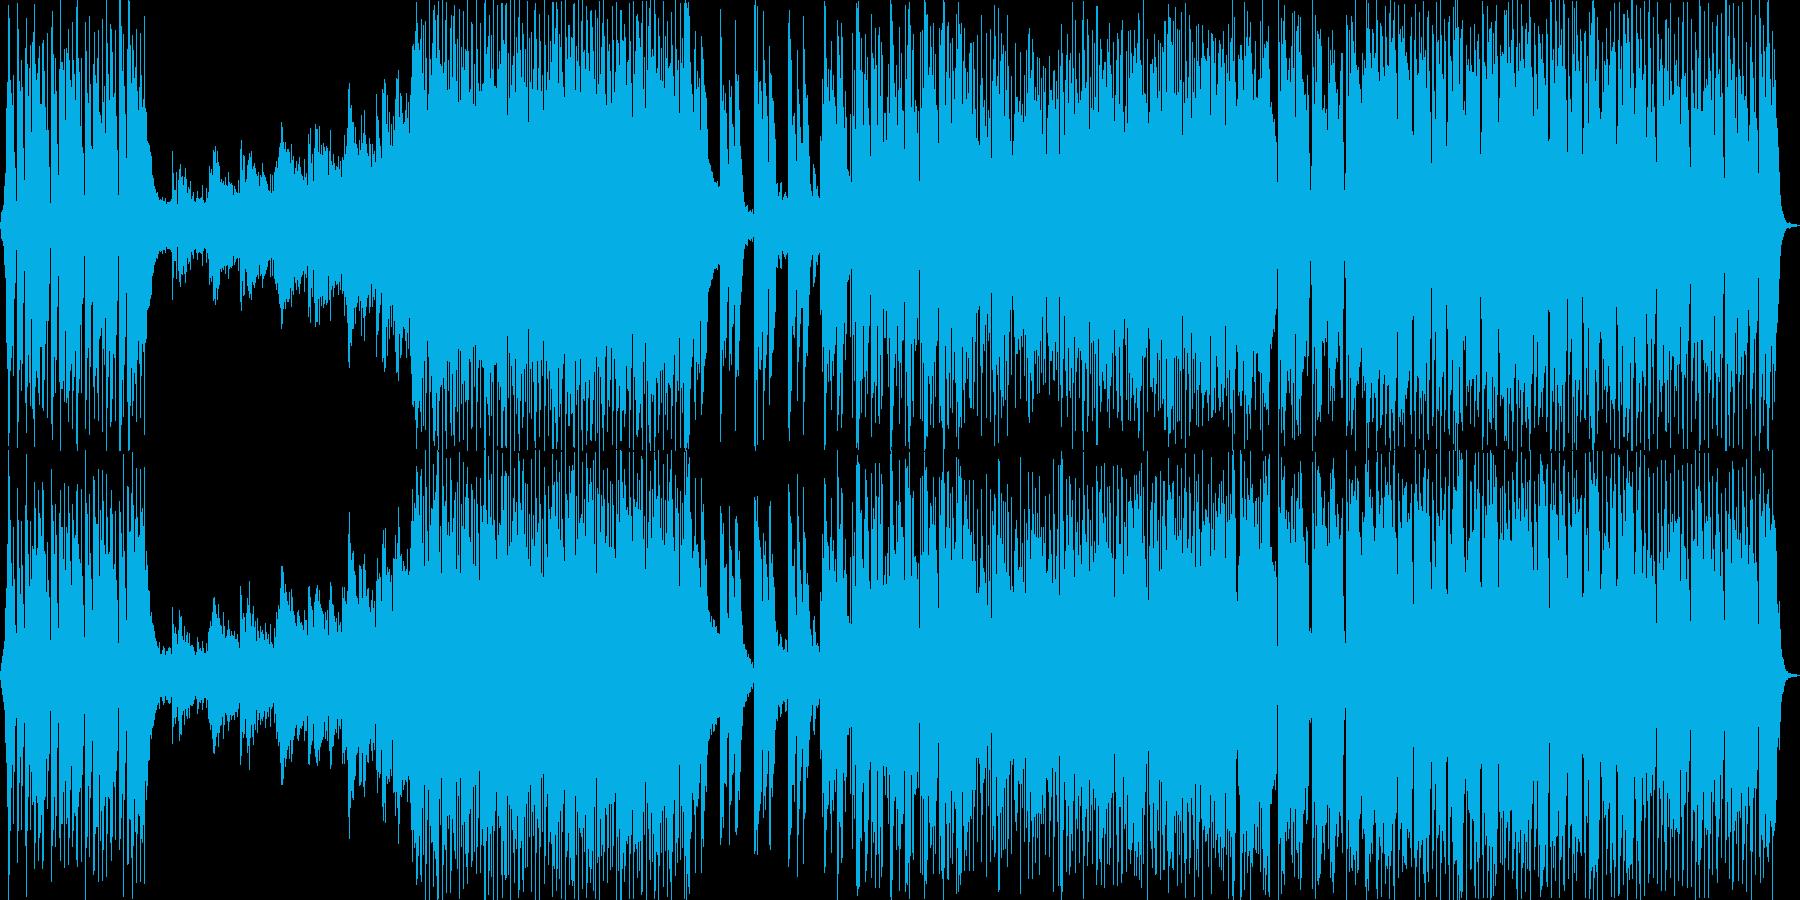 様々な展開のある疾走感のエレクトロ楽曲の再生済みの波形